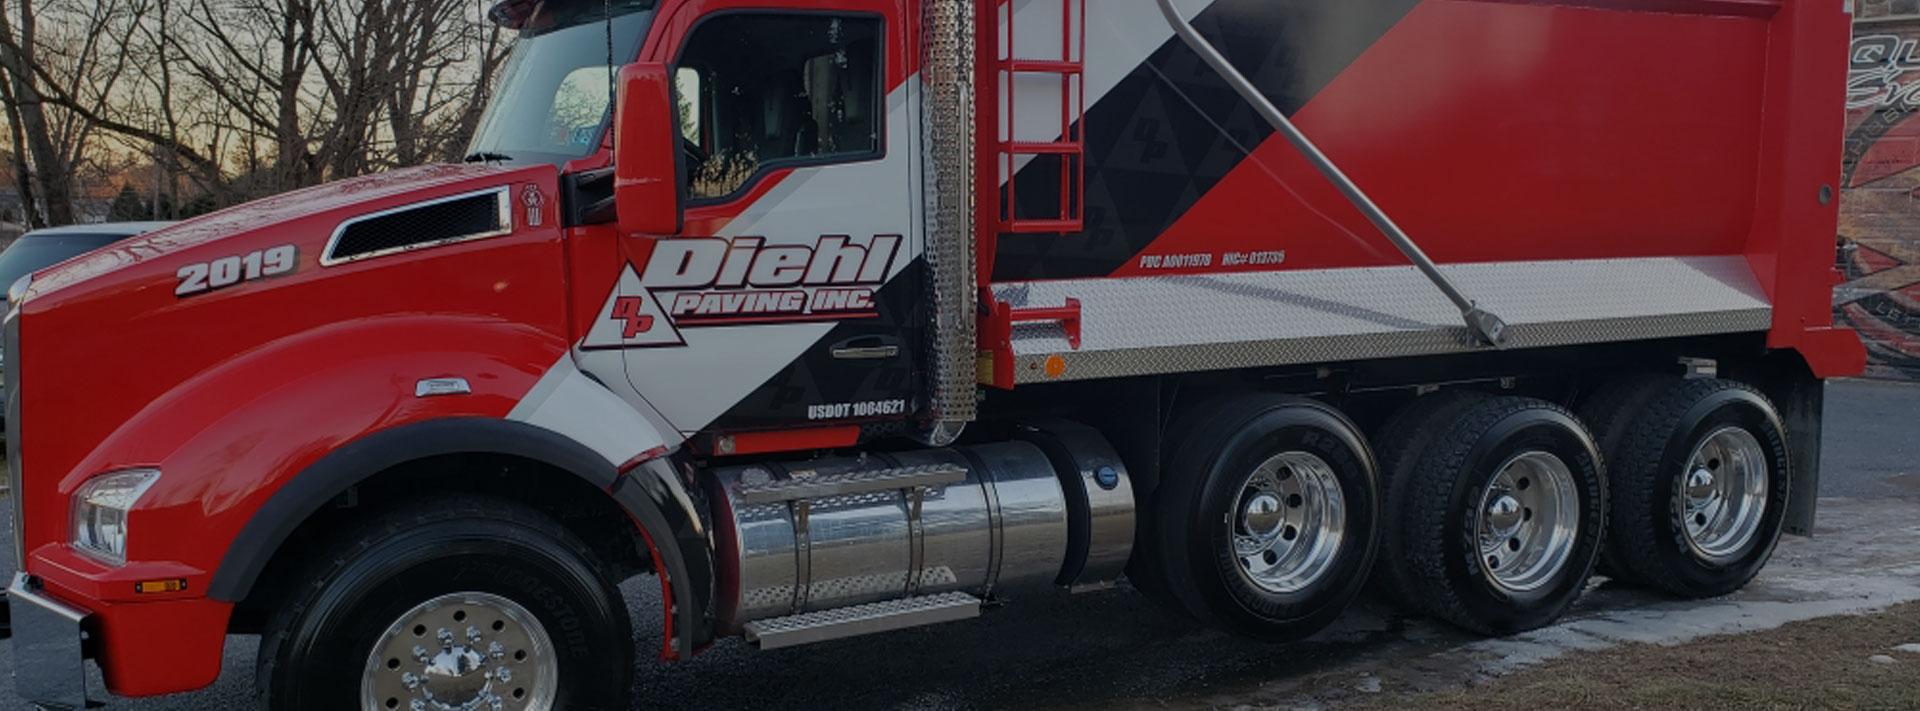 Diehl Paving Inc Truck